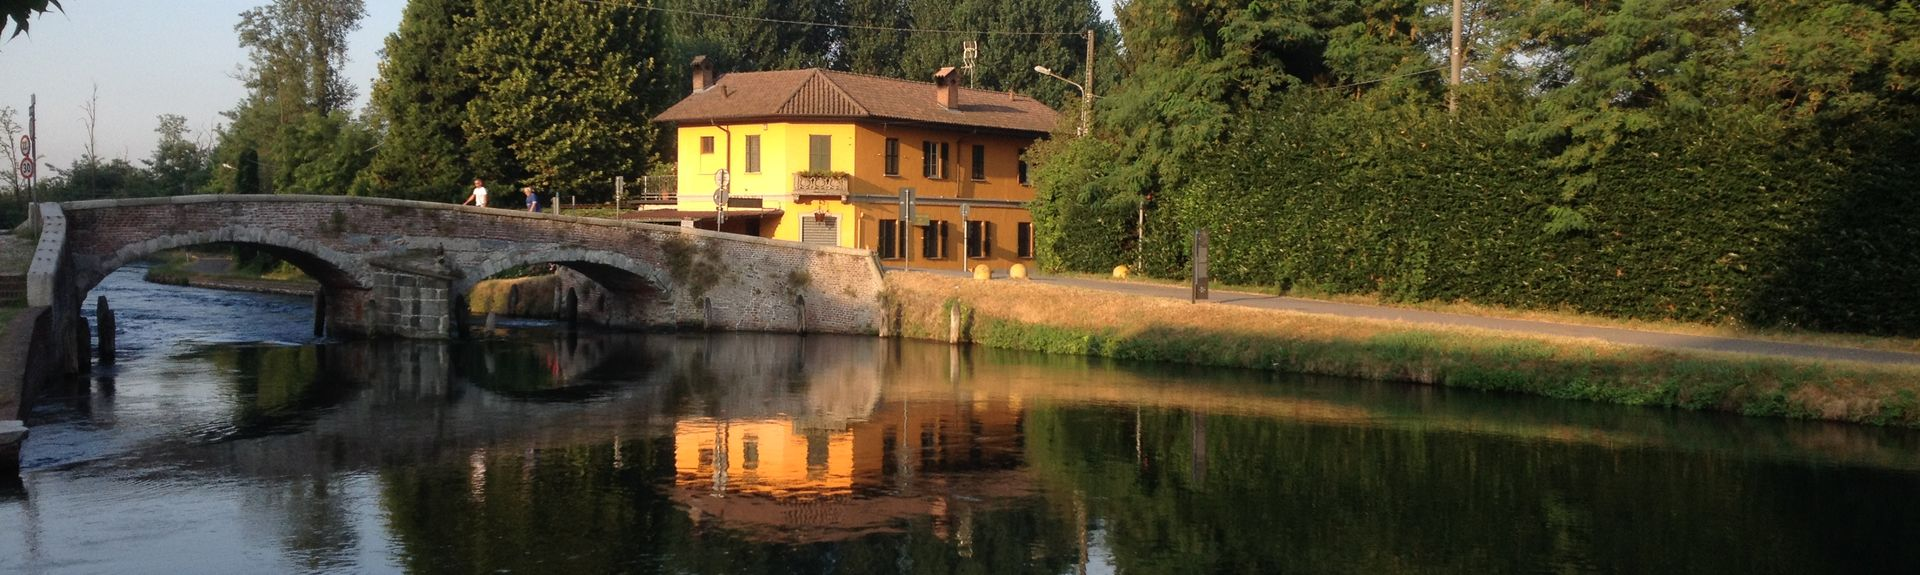 Trecate, Πιεμόντε, Ιταλία